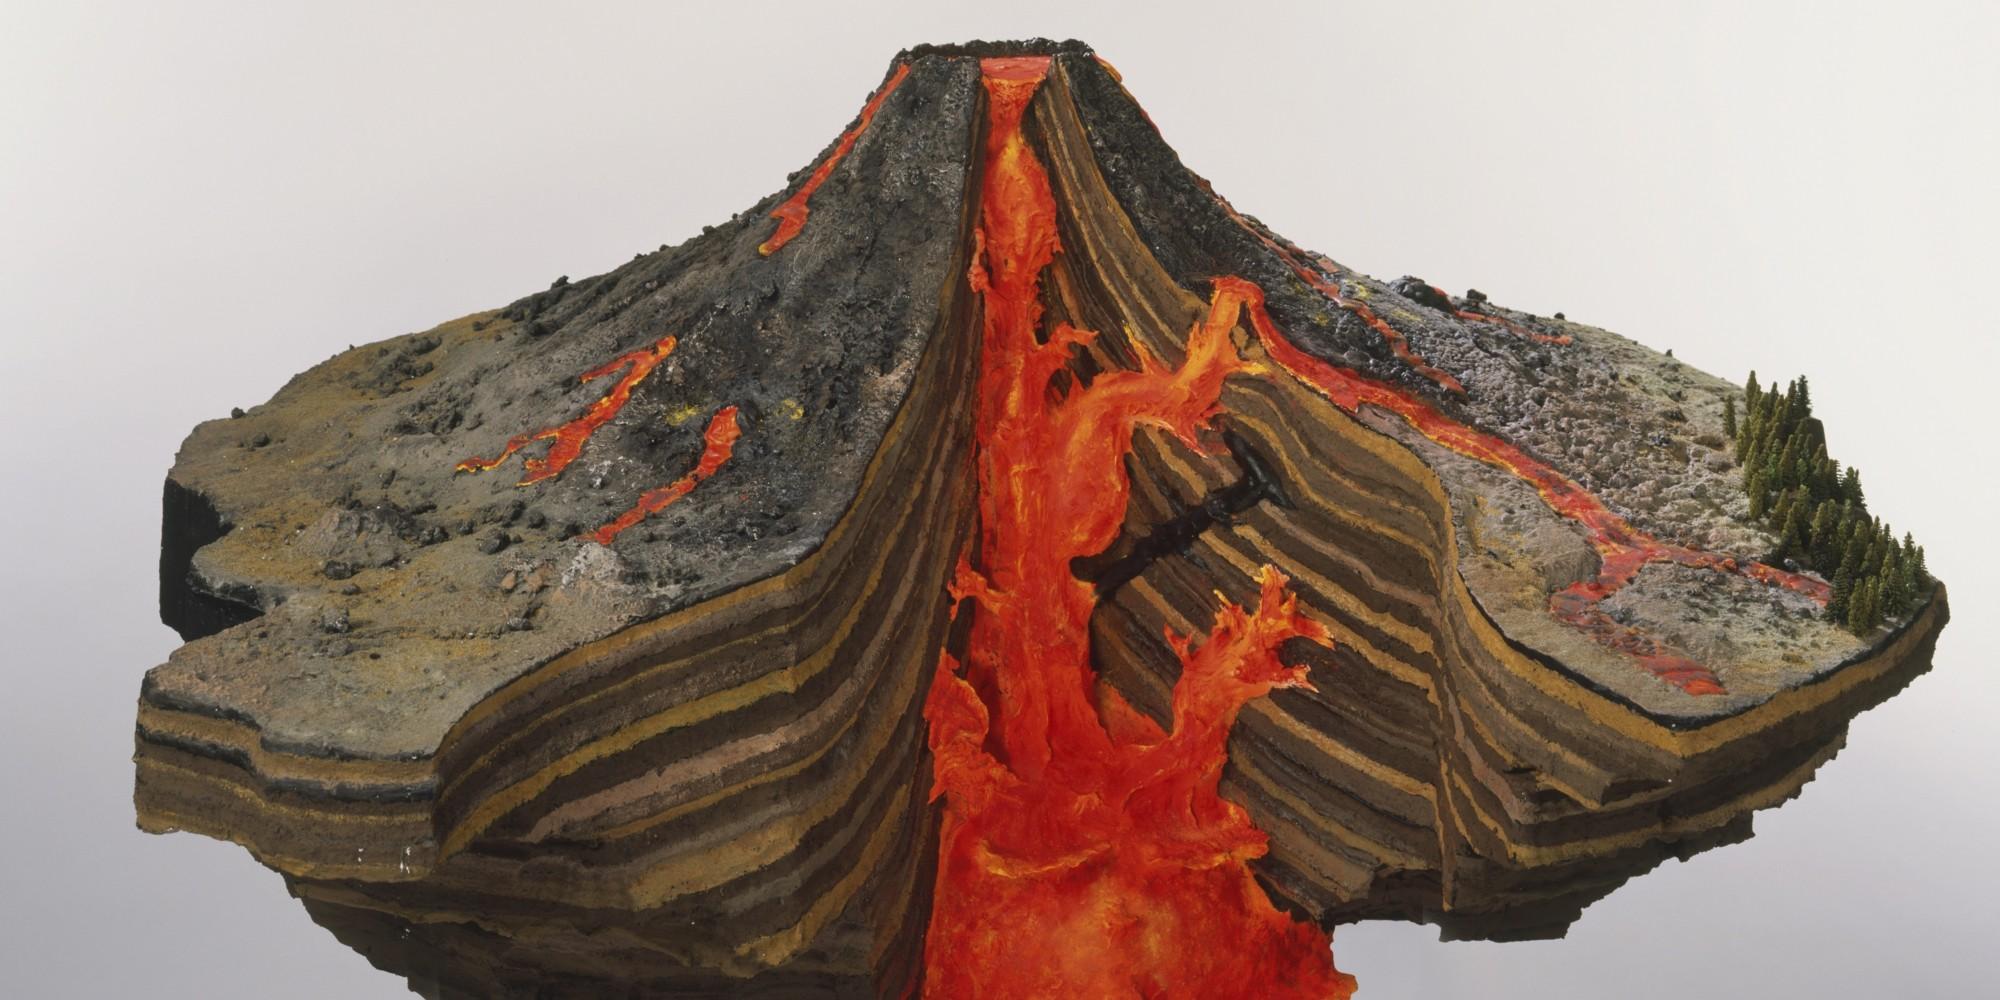 Макет действующего вулкана своими руками в домашних условиях